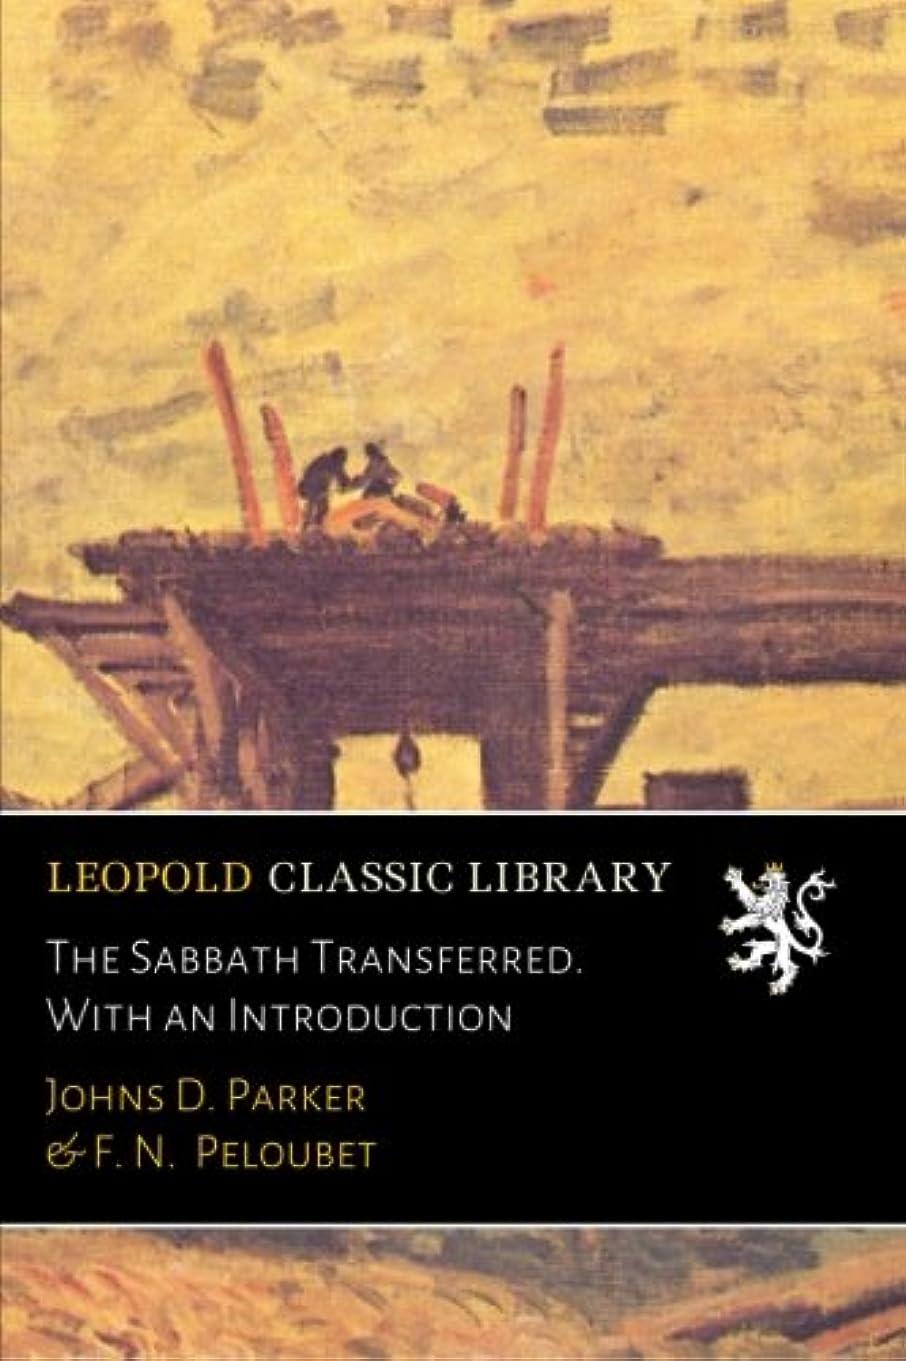 レコーダー有害なくそーThe Sabbath Transferred. With an Introduction